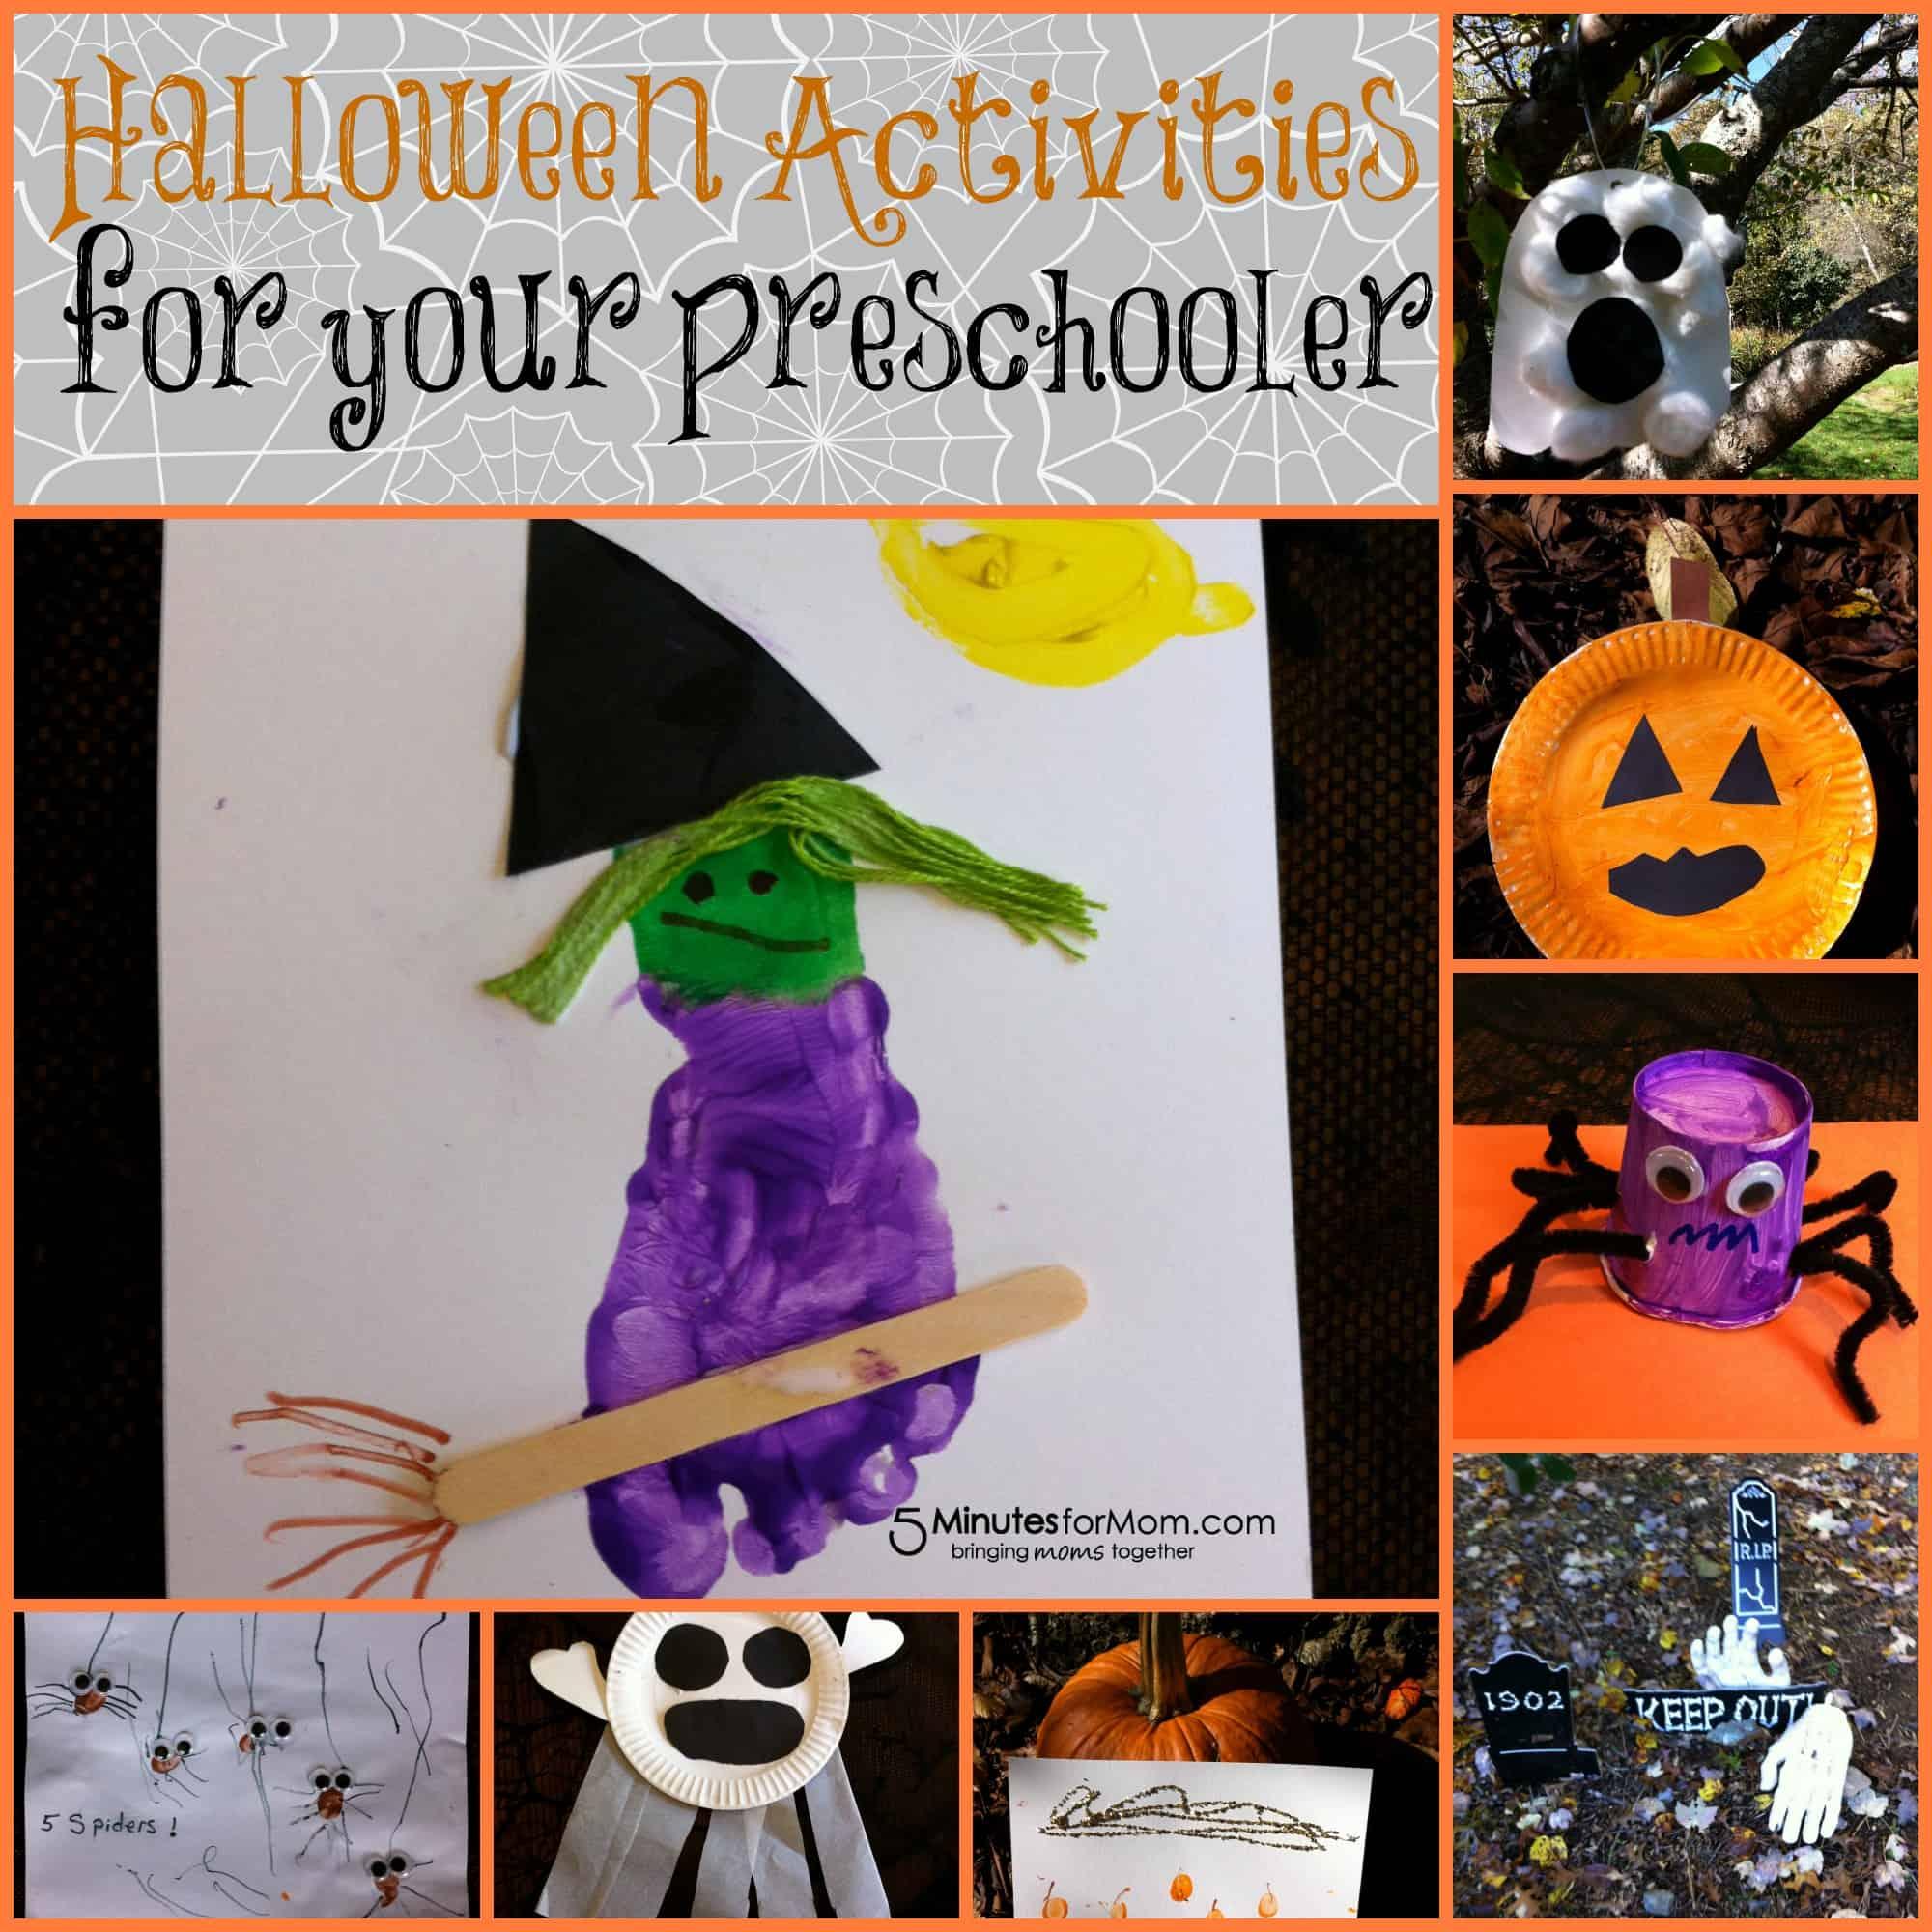 Halloween Activities For Your Preschooler And Toddler